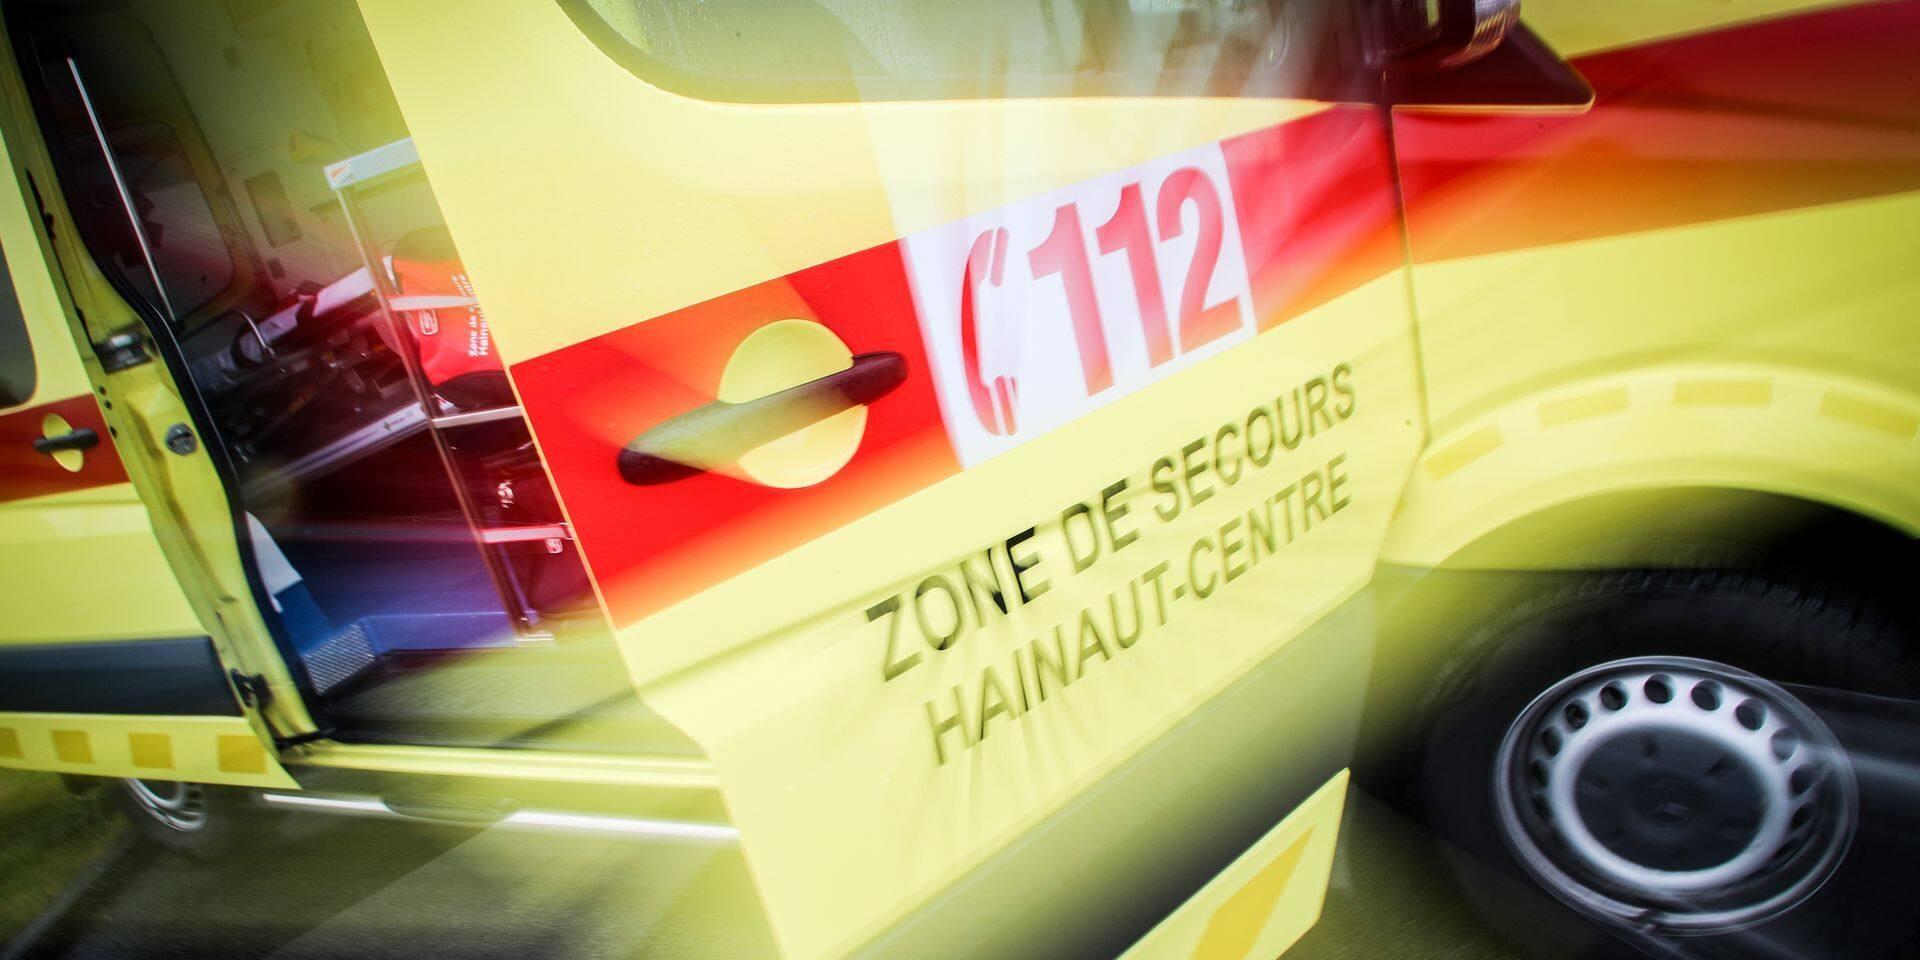 Hainaut-Centre: Cacophonie redoutée dans la zone de secours